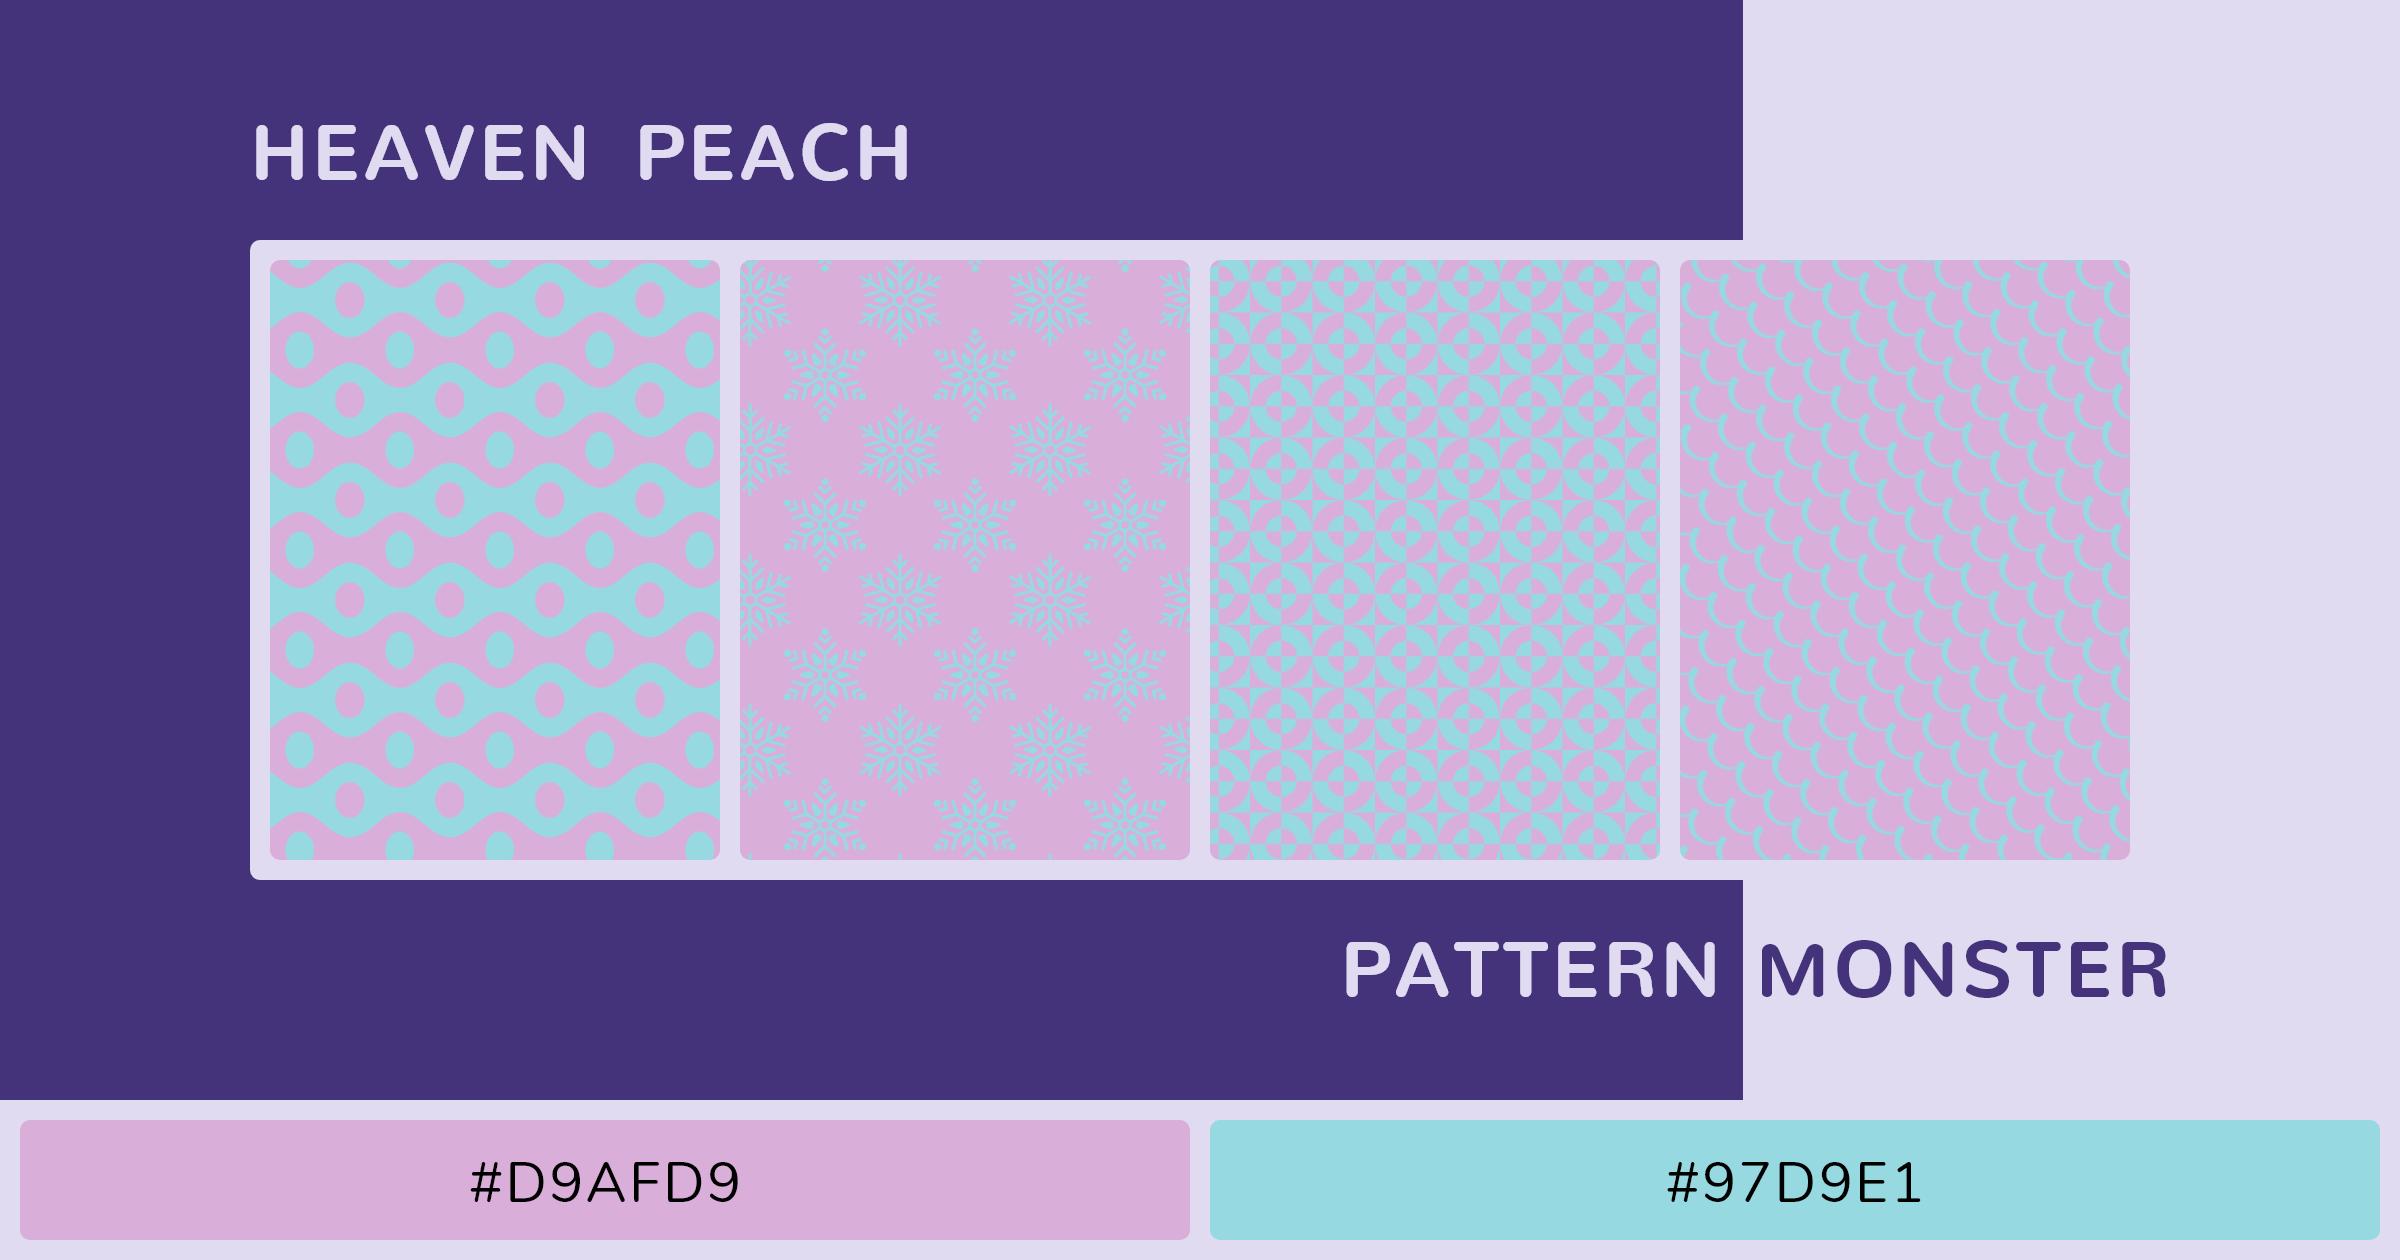 Heaven Peach